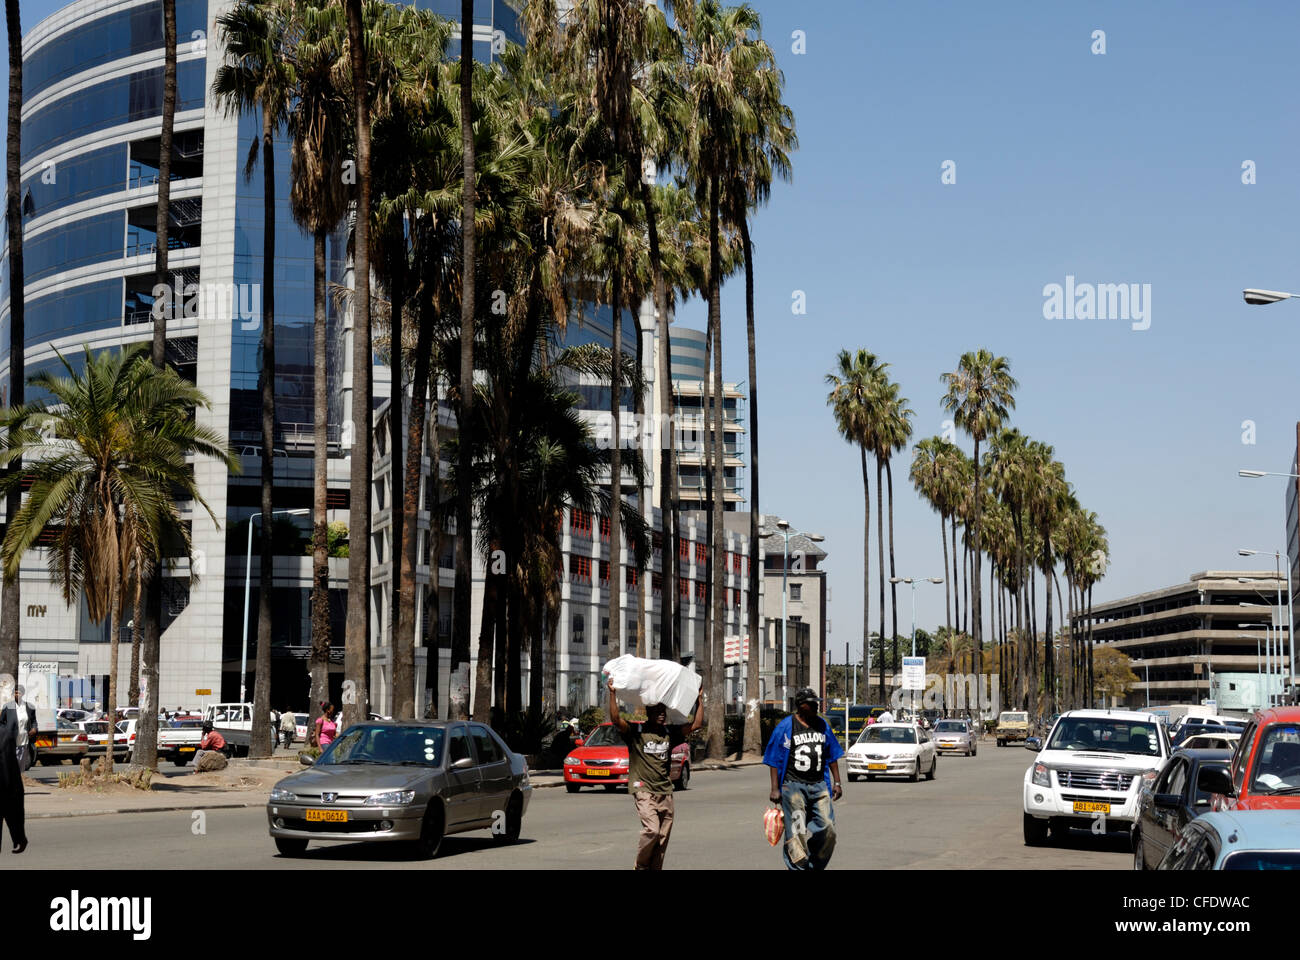 Centro città, Harare, Zimbabwe, Africa Immagini Stock